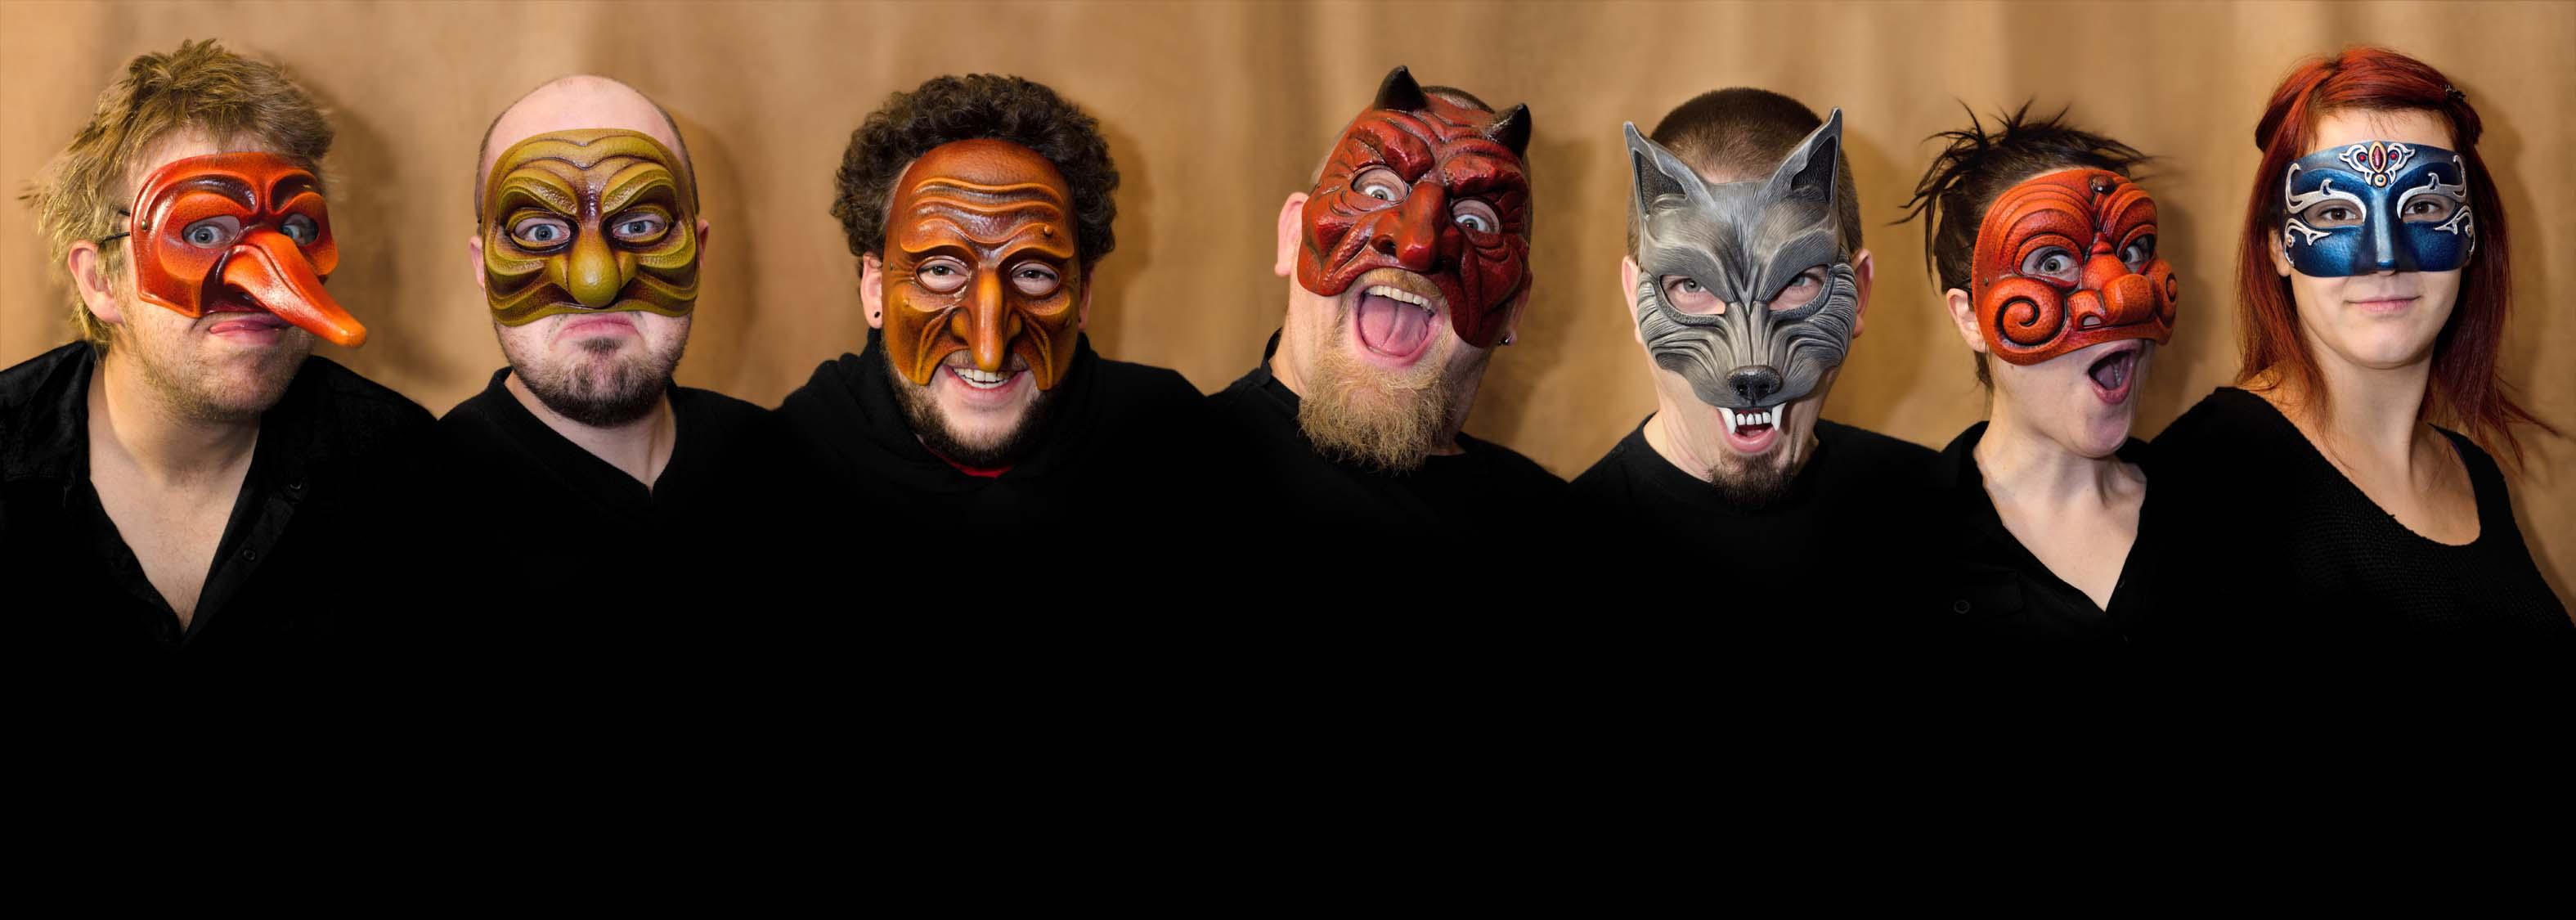 Atelier Pirate - Sélection de masques